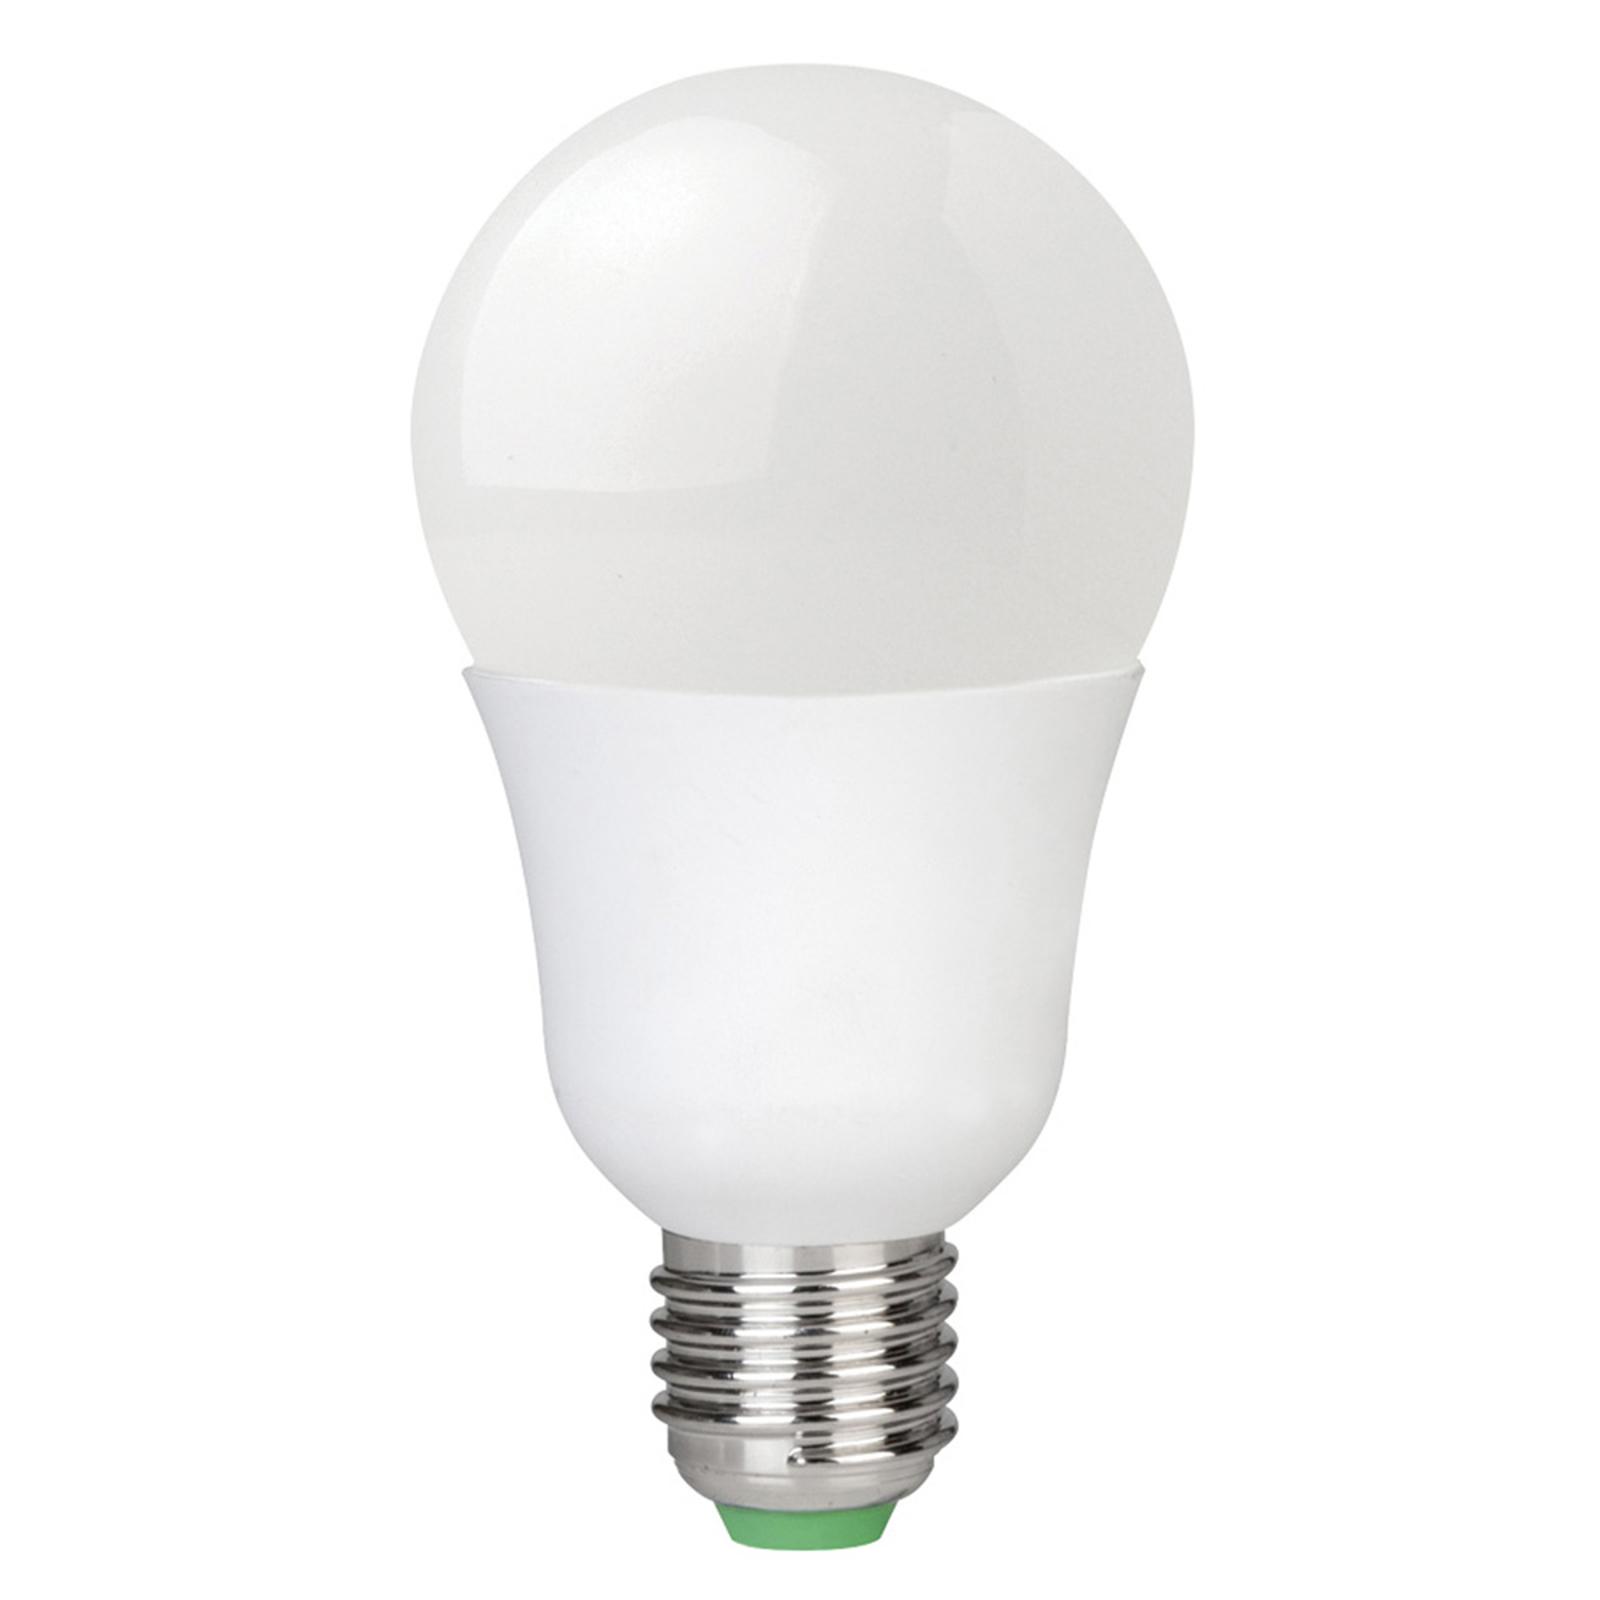 LED à filament MEGAMAN Smart Lighting E27 11W 828